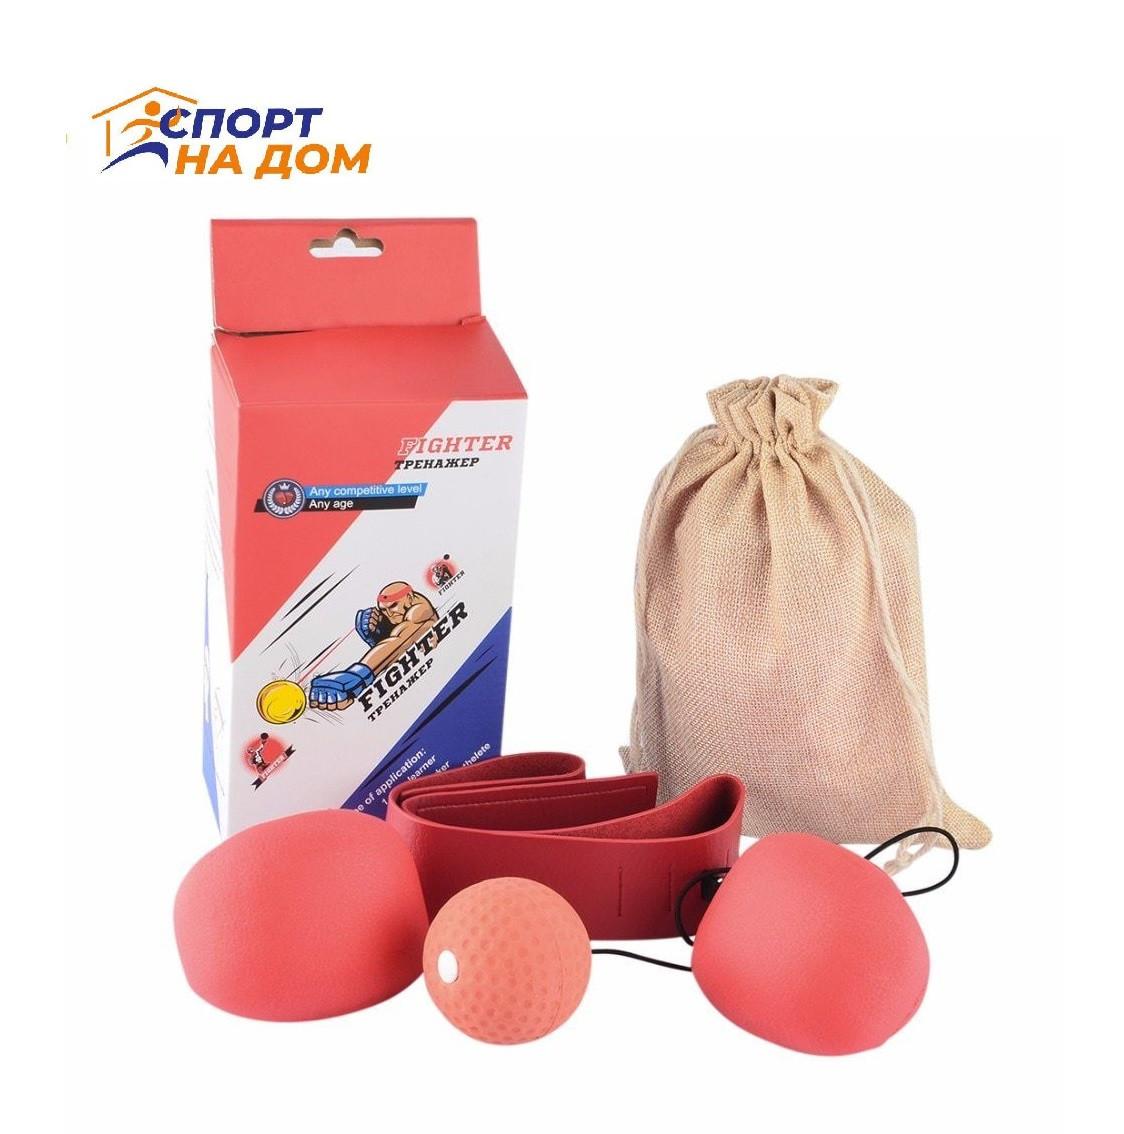 Тренажер Файтбол (Fight Ball) для тренировки реакции